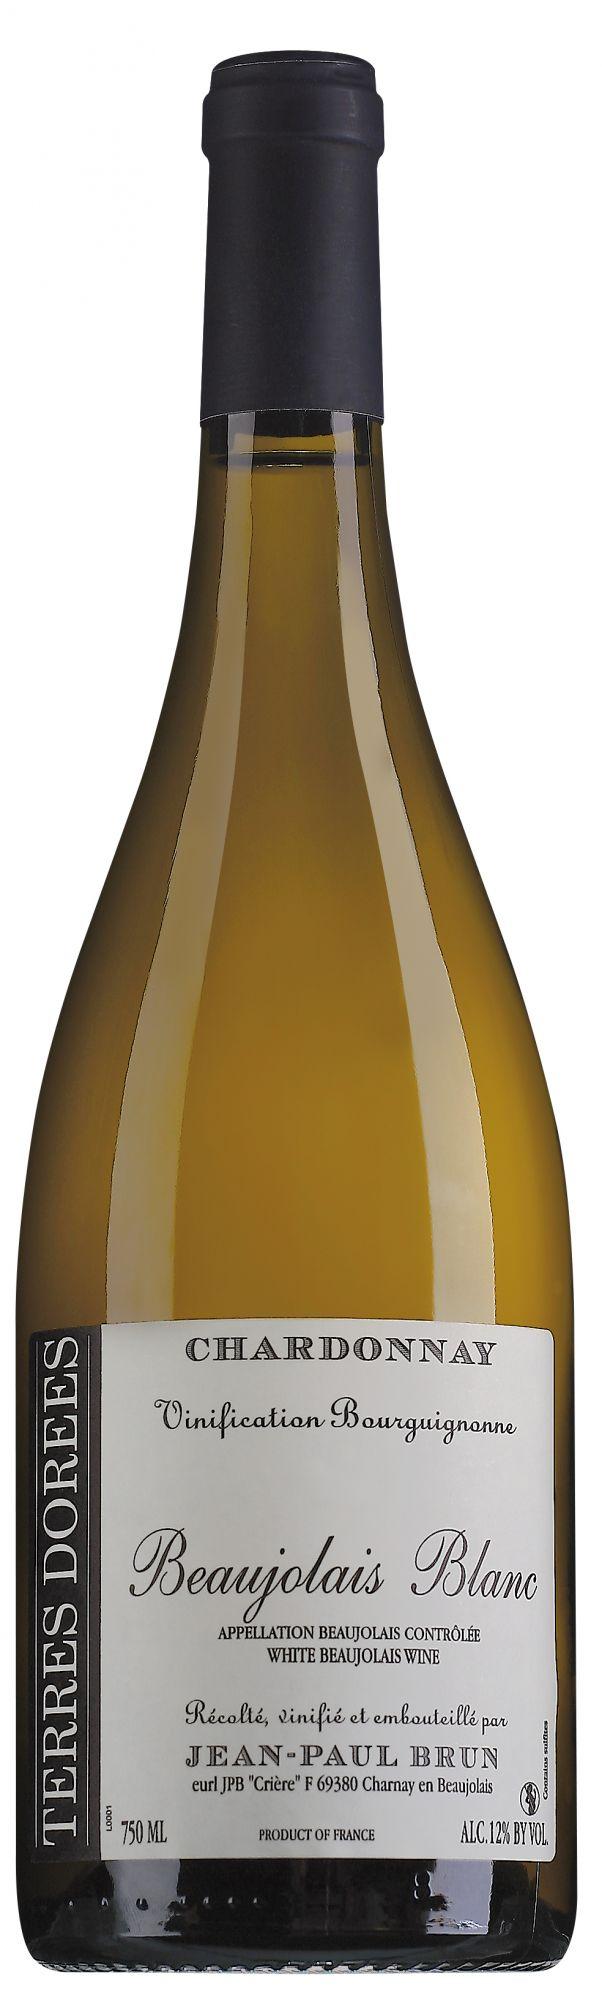 Jean-Paul Brun Terres Dorées Beaujolais Blanc Vinification Bourguignonne